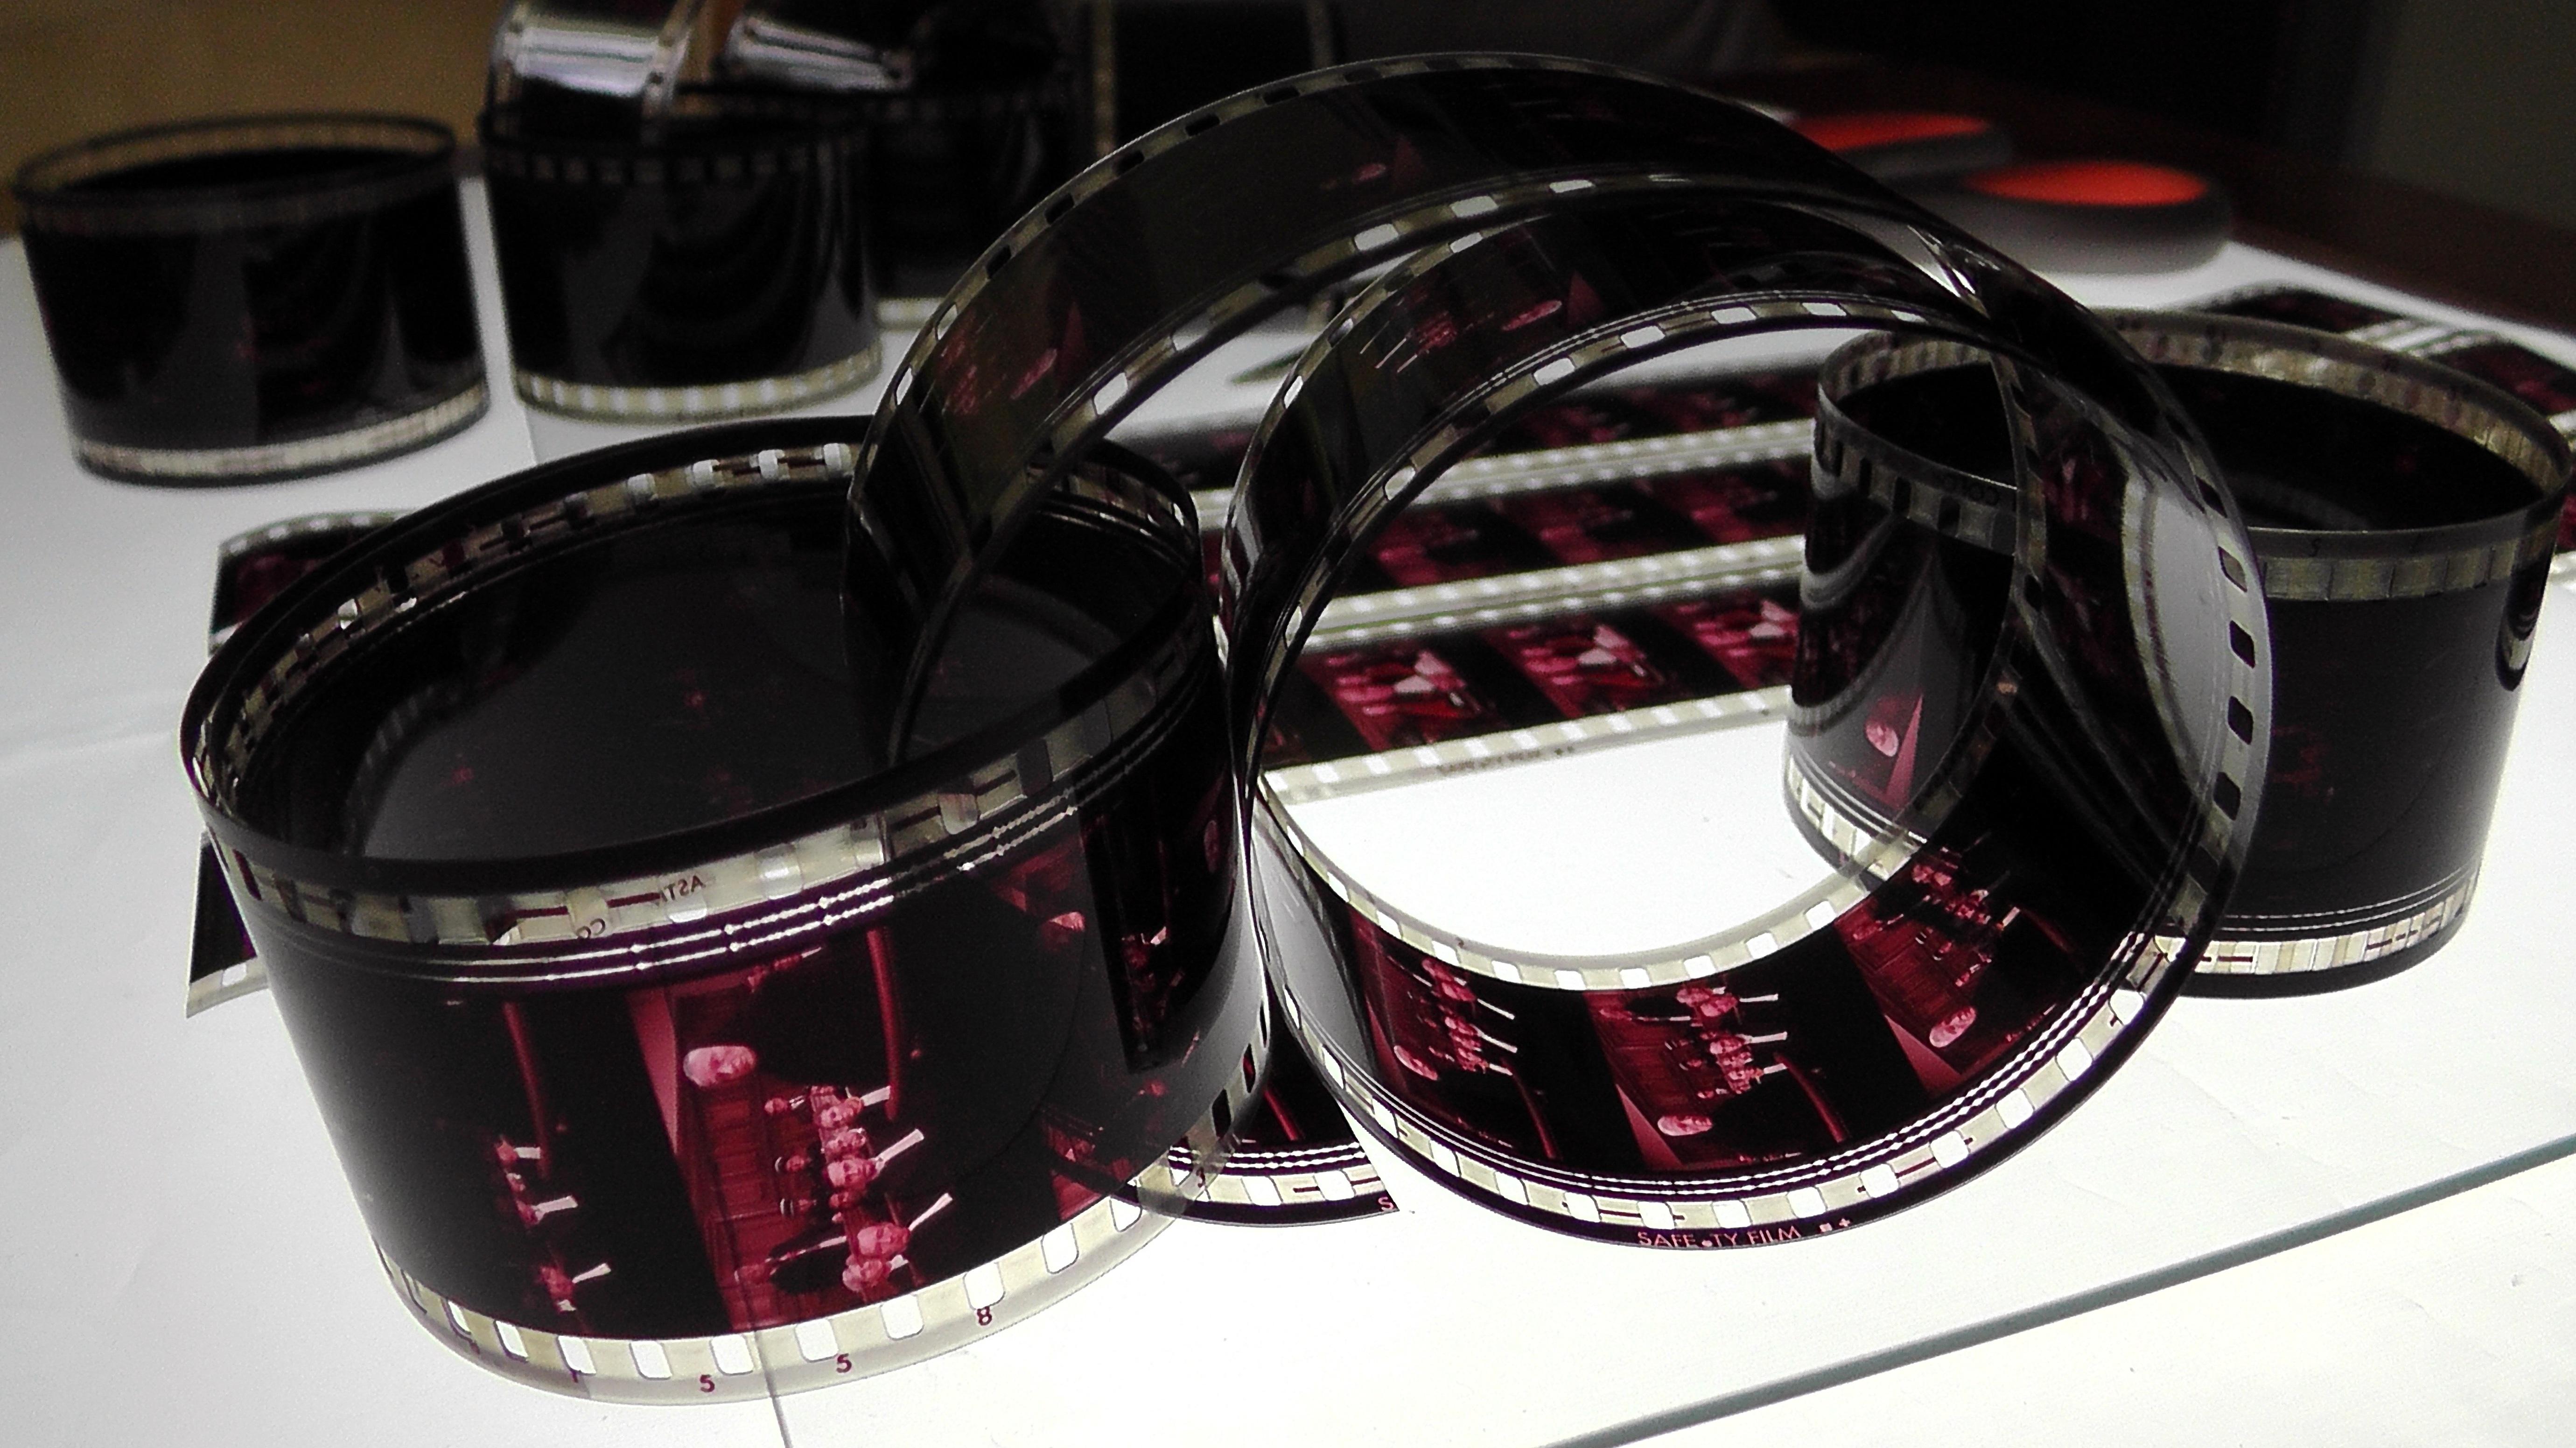 Free Images : light, old, red, gadget, black, coil, glasses, cinema